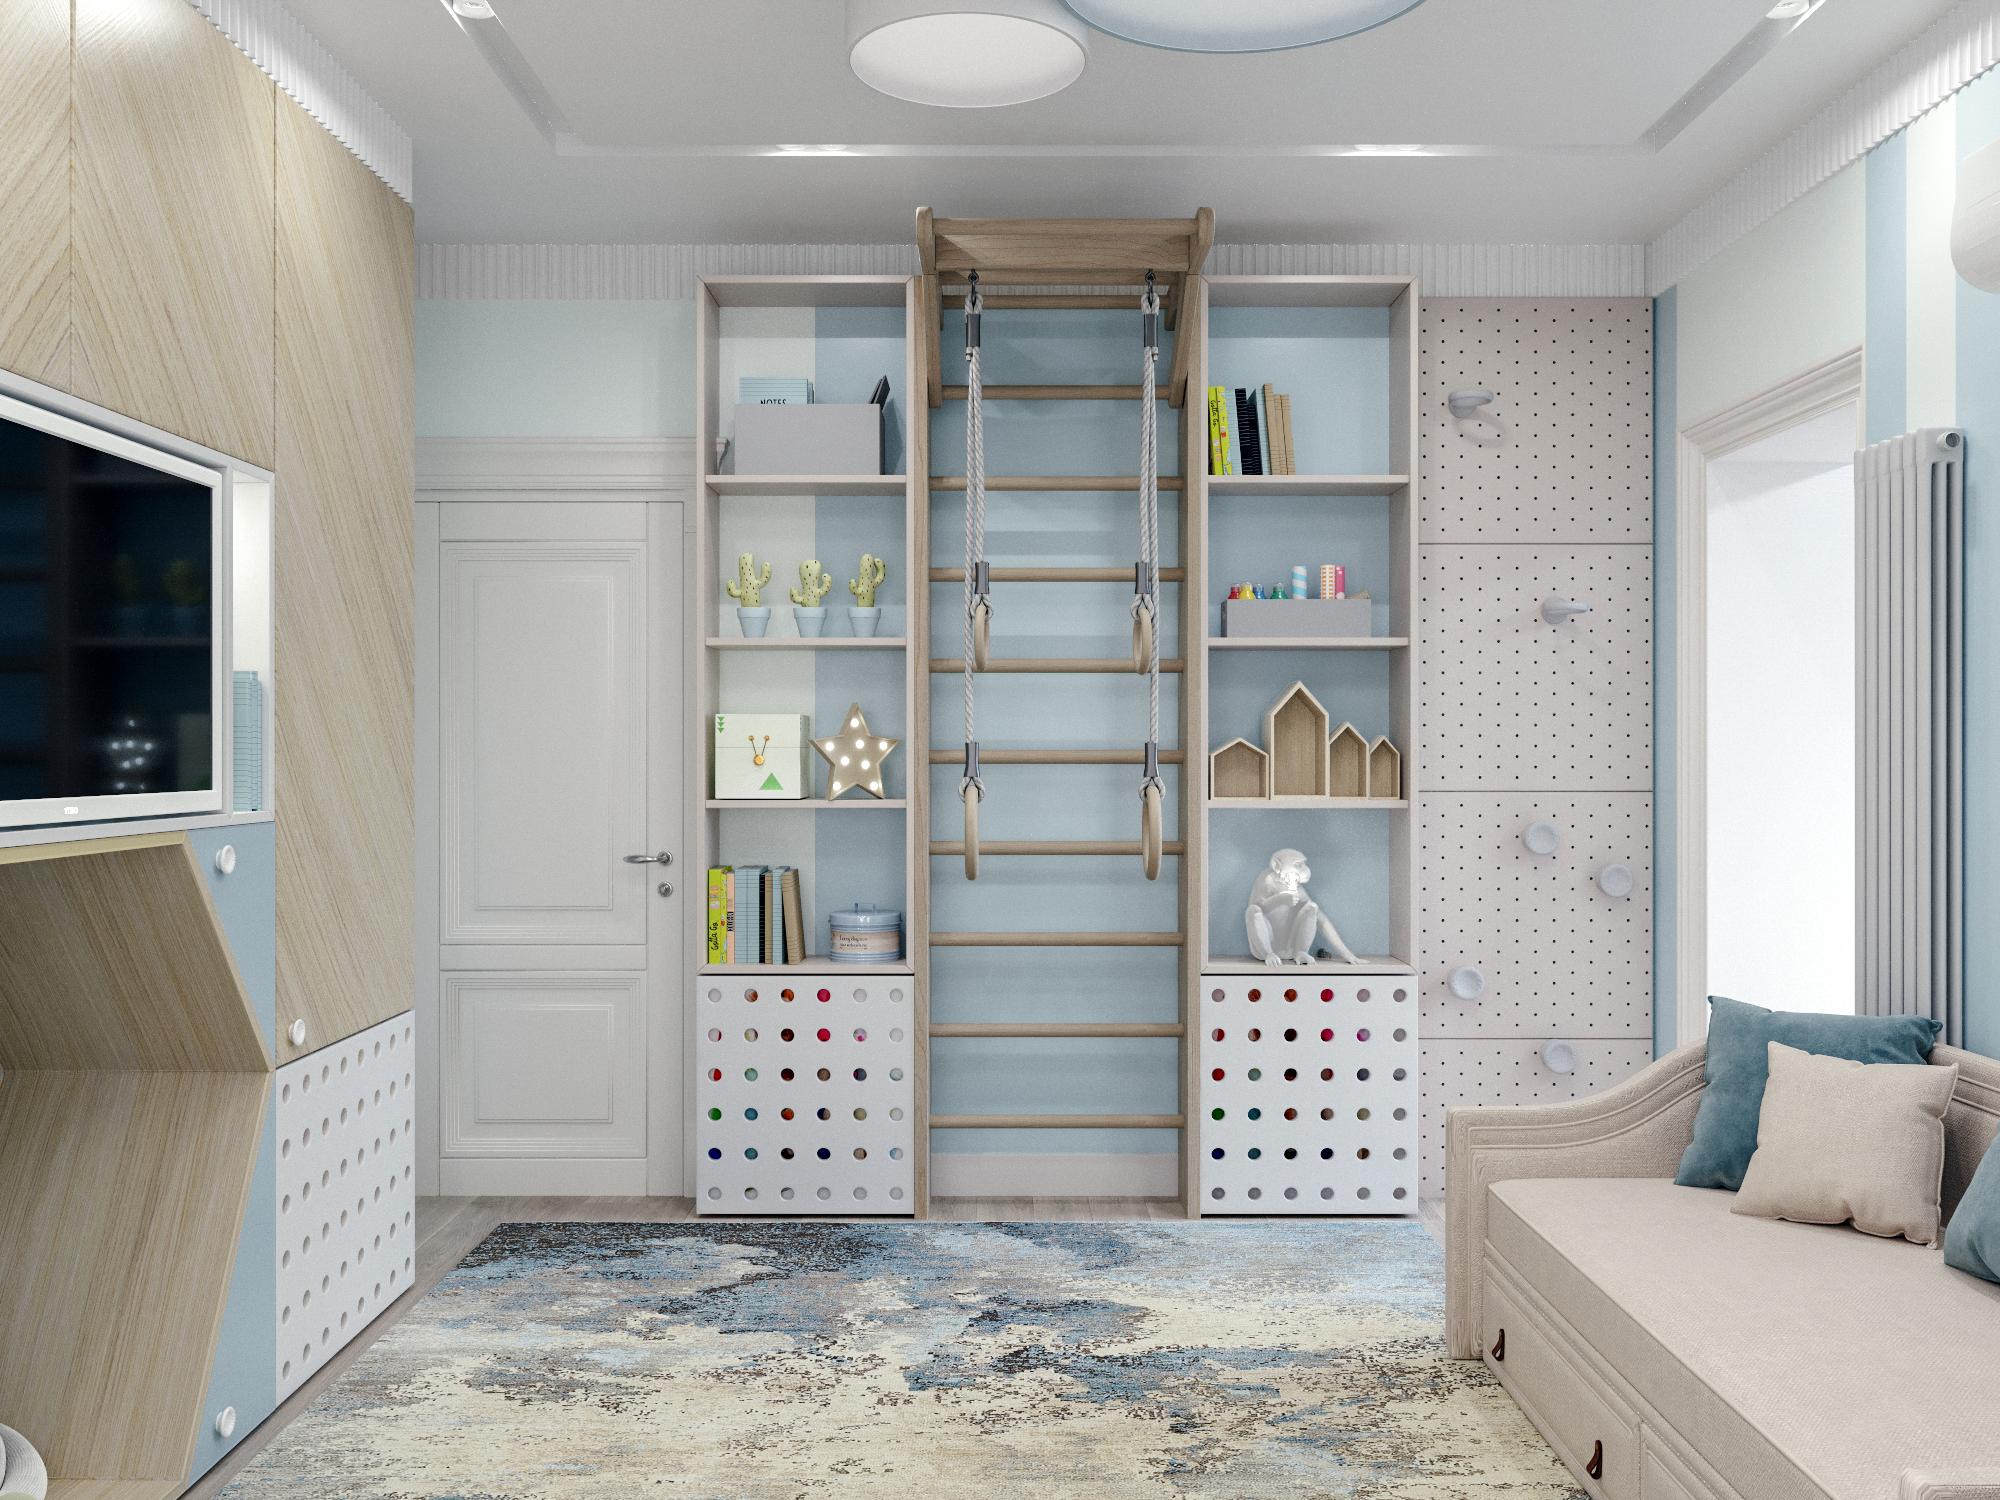 Спальня для мальчика в проекте Детской квартиры